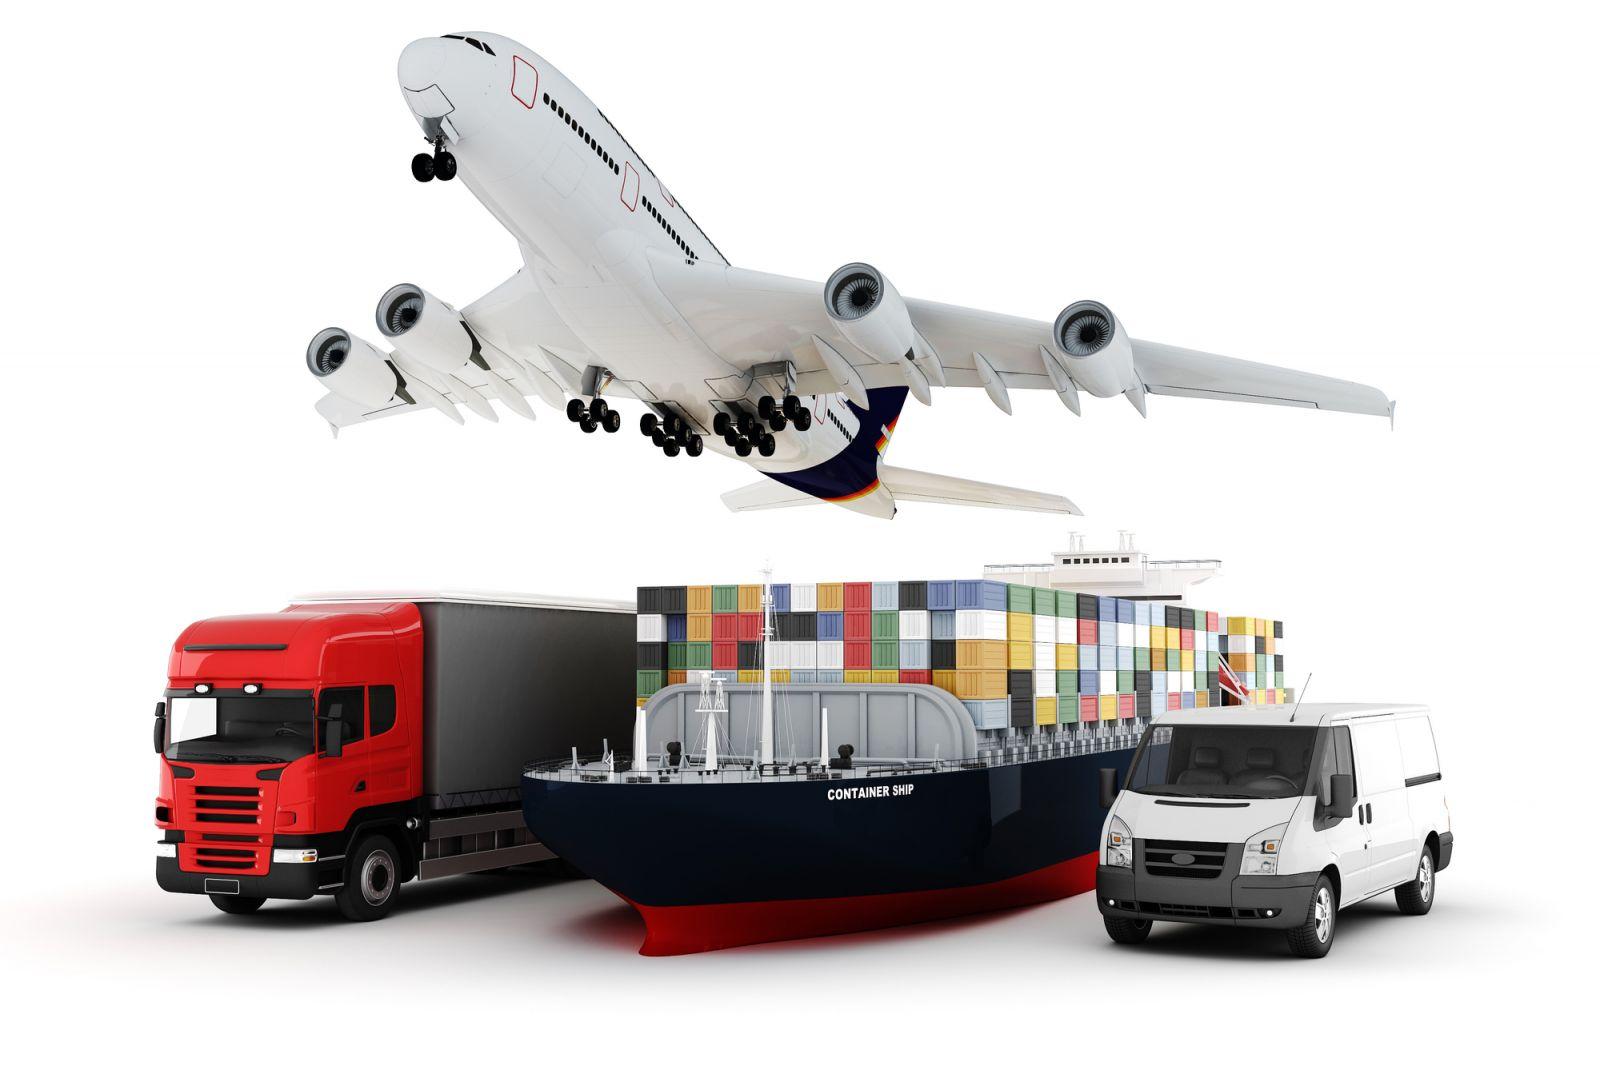 доставка товаров из Китая, авиадоставка товаров из Китая